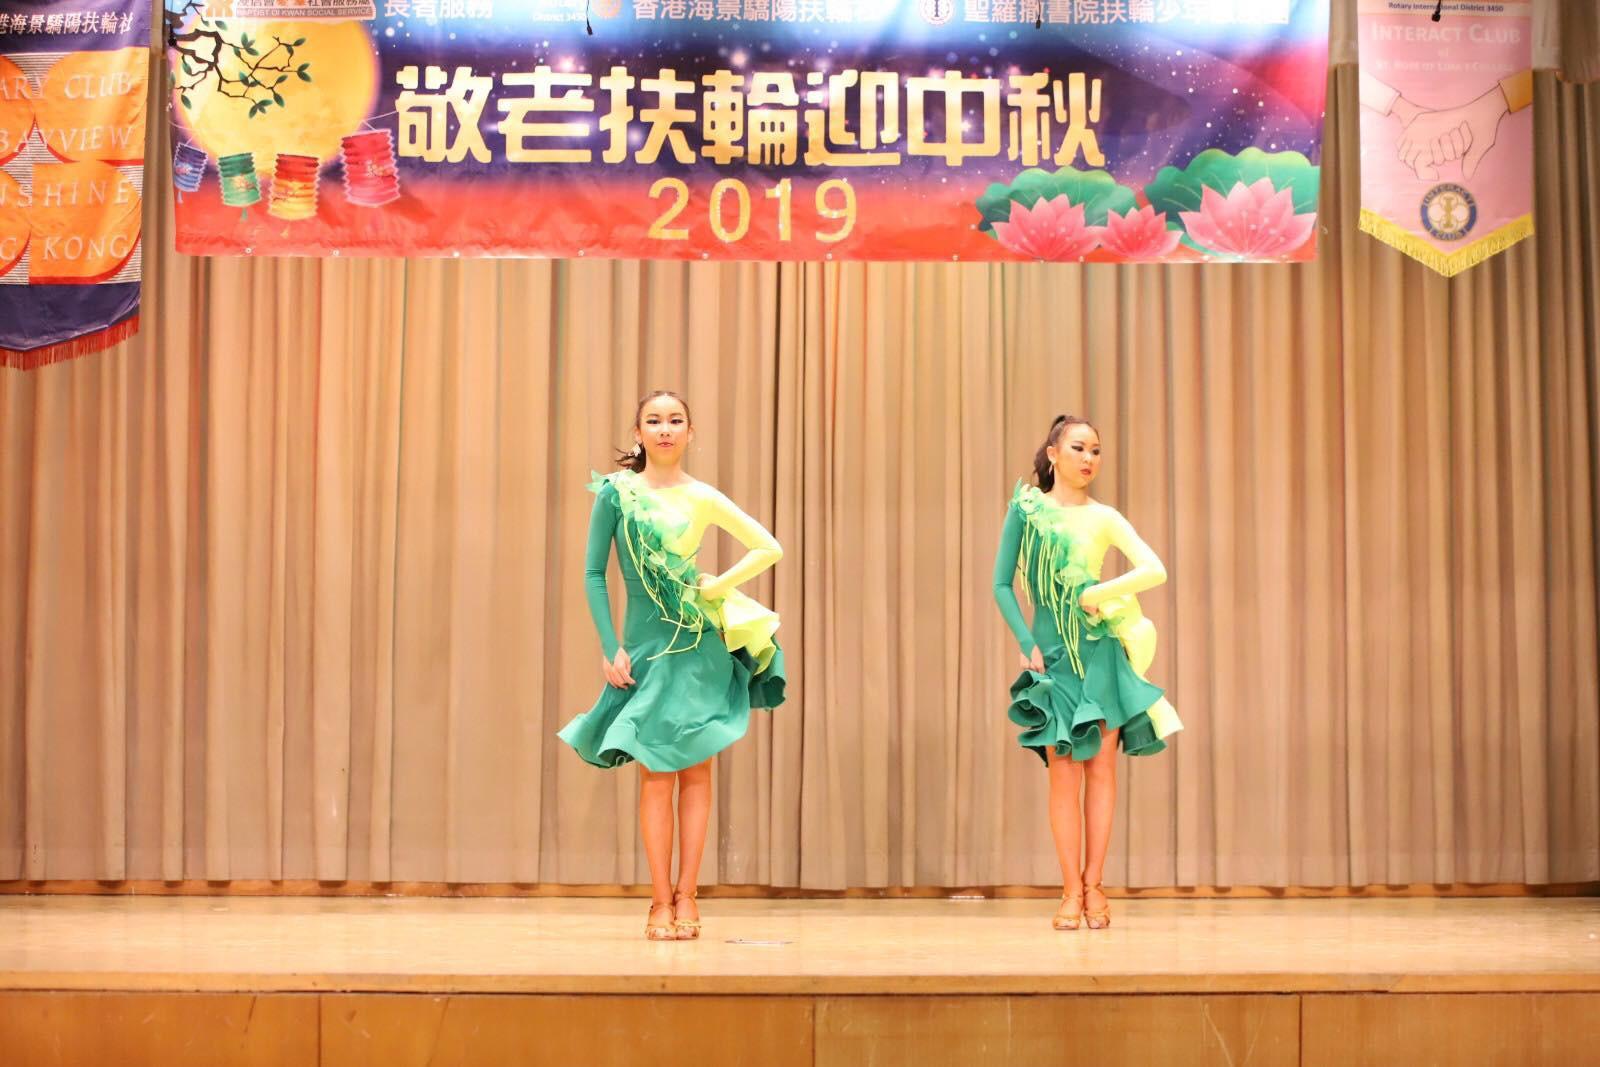 雙胞胎姊妹陳樂妍和陳樂蕎學習拉丁舞已有七年,今年12歲的她們配合起來親密無間。(受訪者提供)